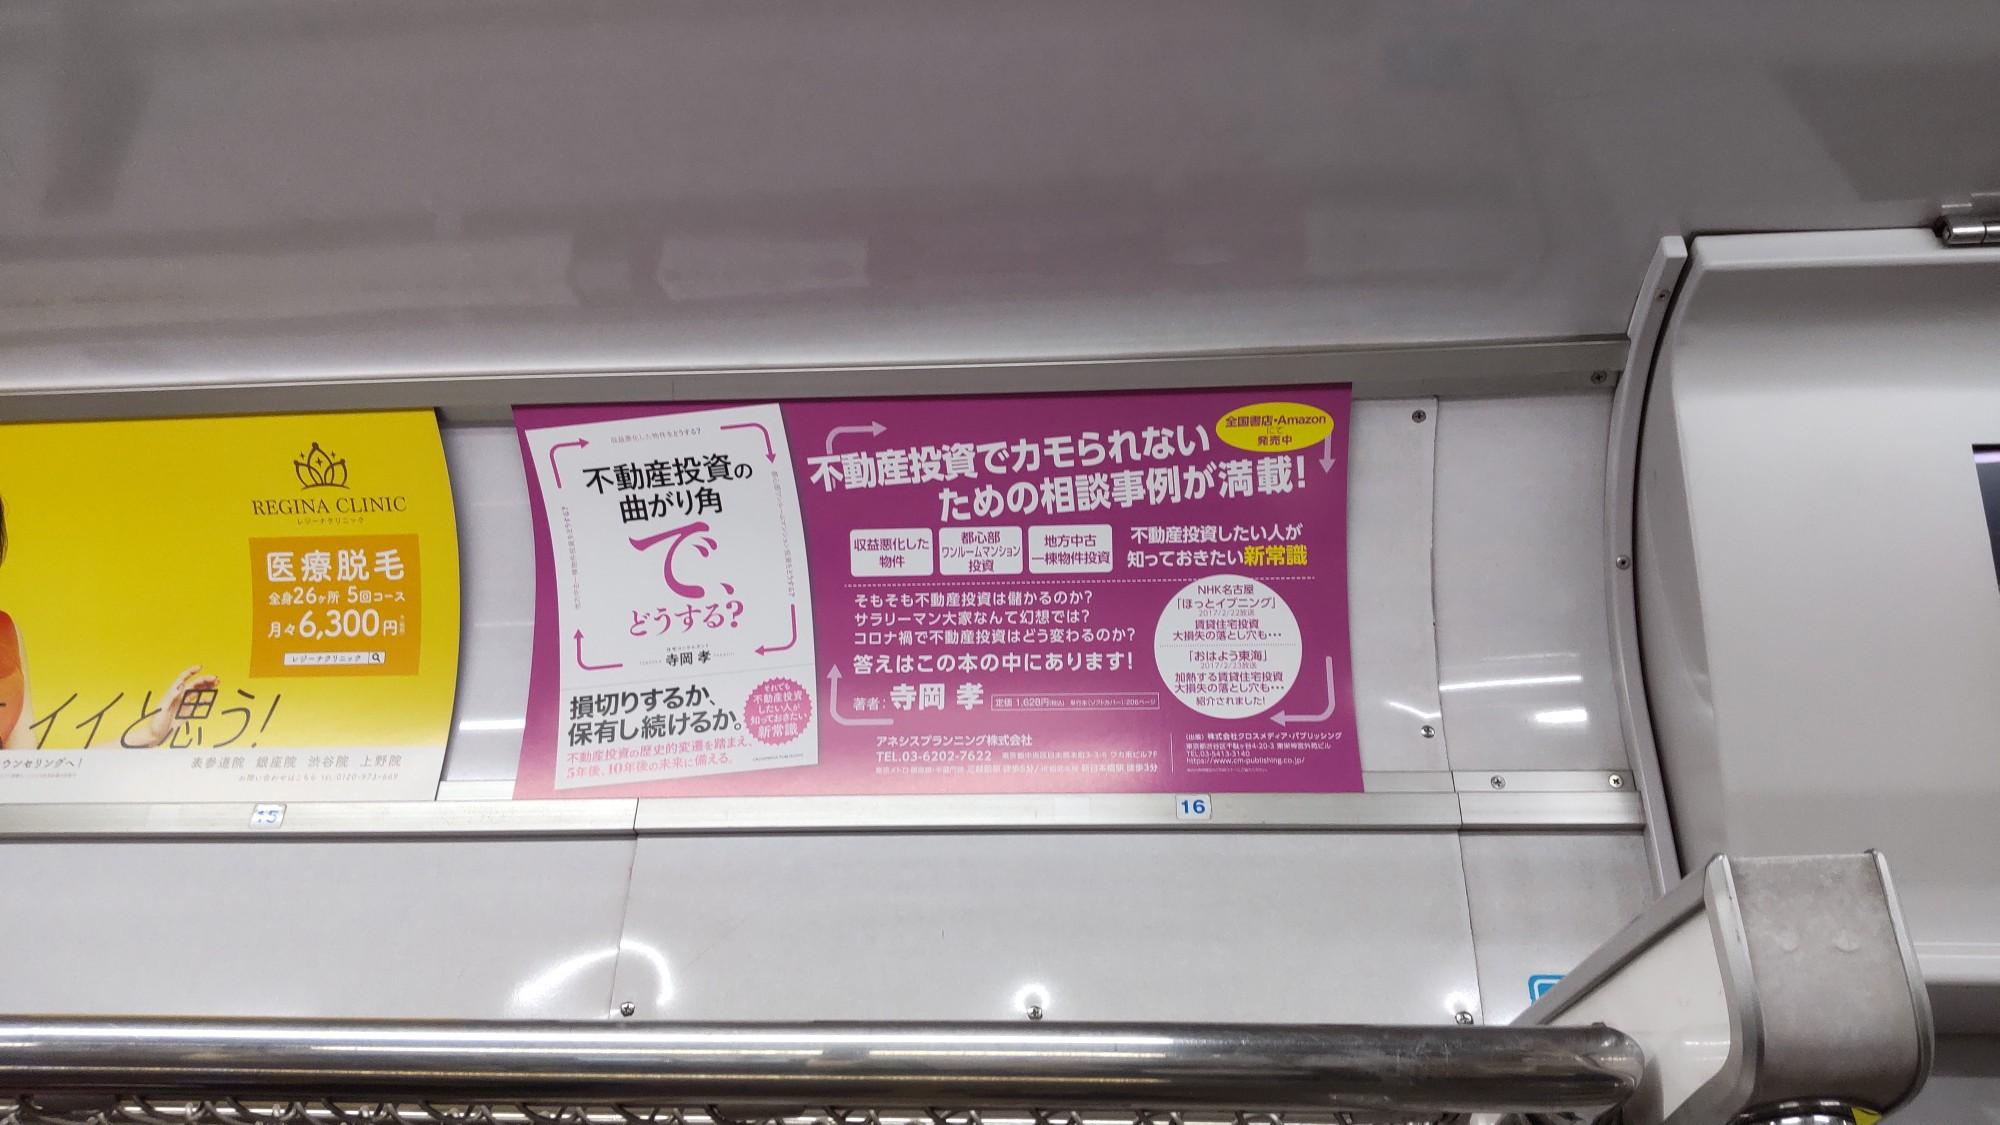 東京メトロ半蔵門線・車内広告掲載